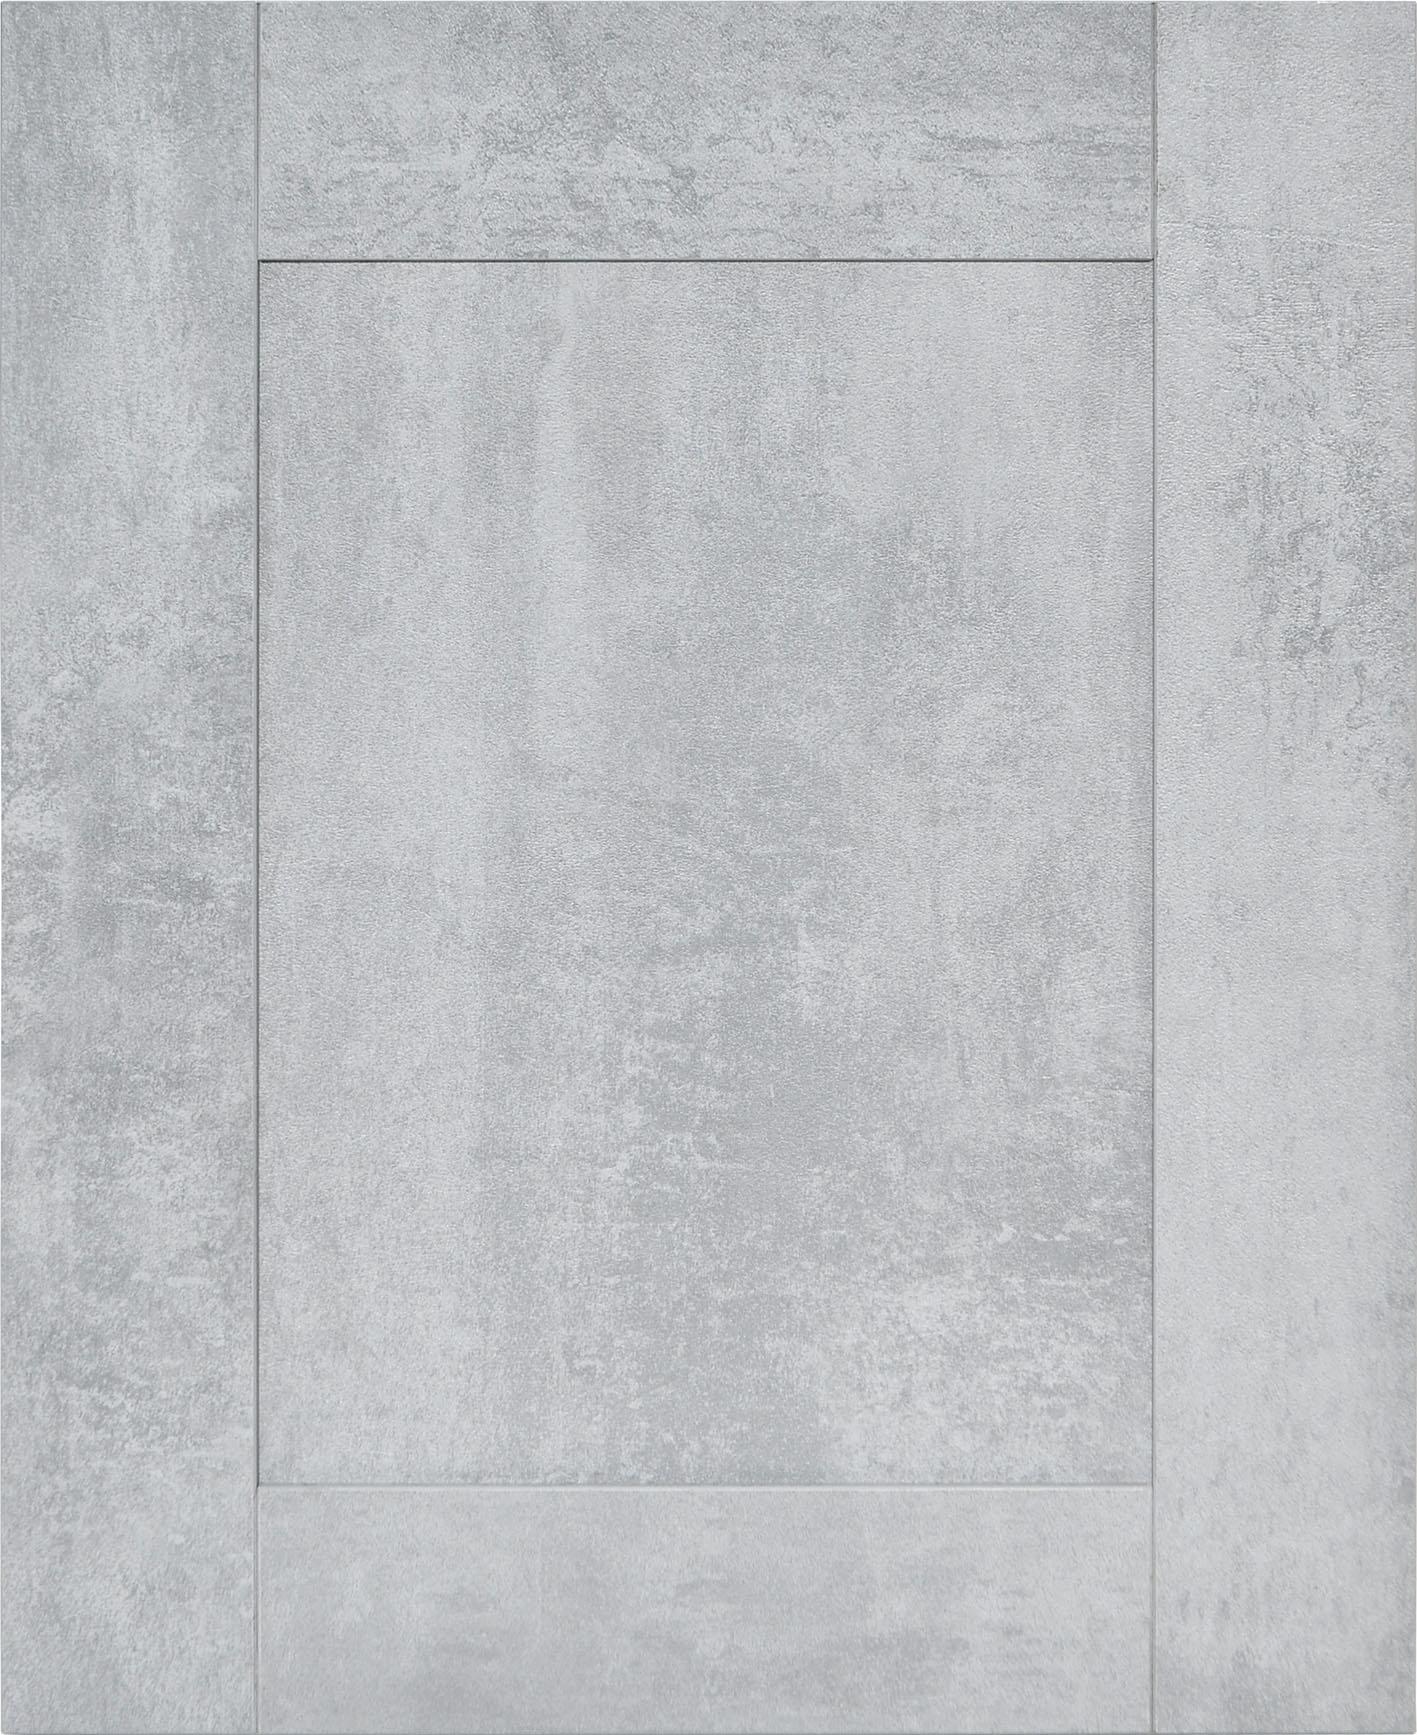 Square Frame FB11-SQ